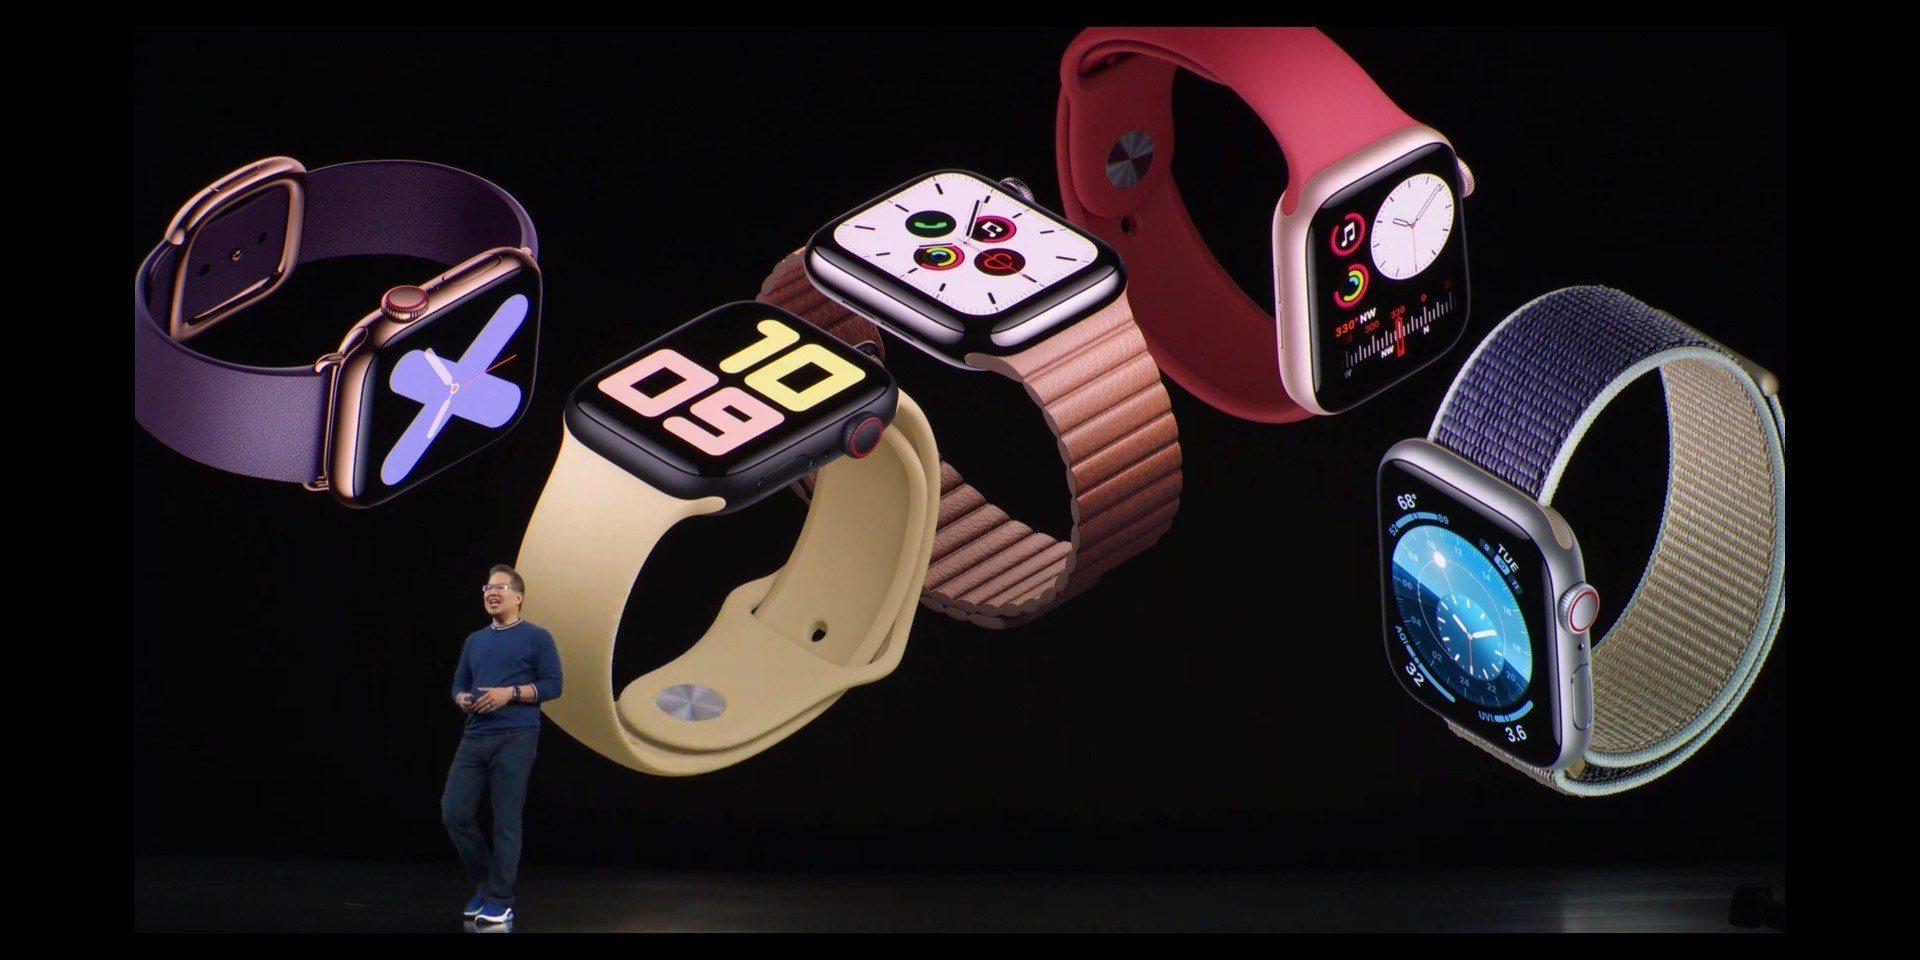 Apple ra mắt Apple Watch Series 5: Màn hình Always-On, giá 399 USD, giảm giá Series 3 còn 199 USD